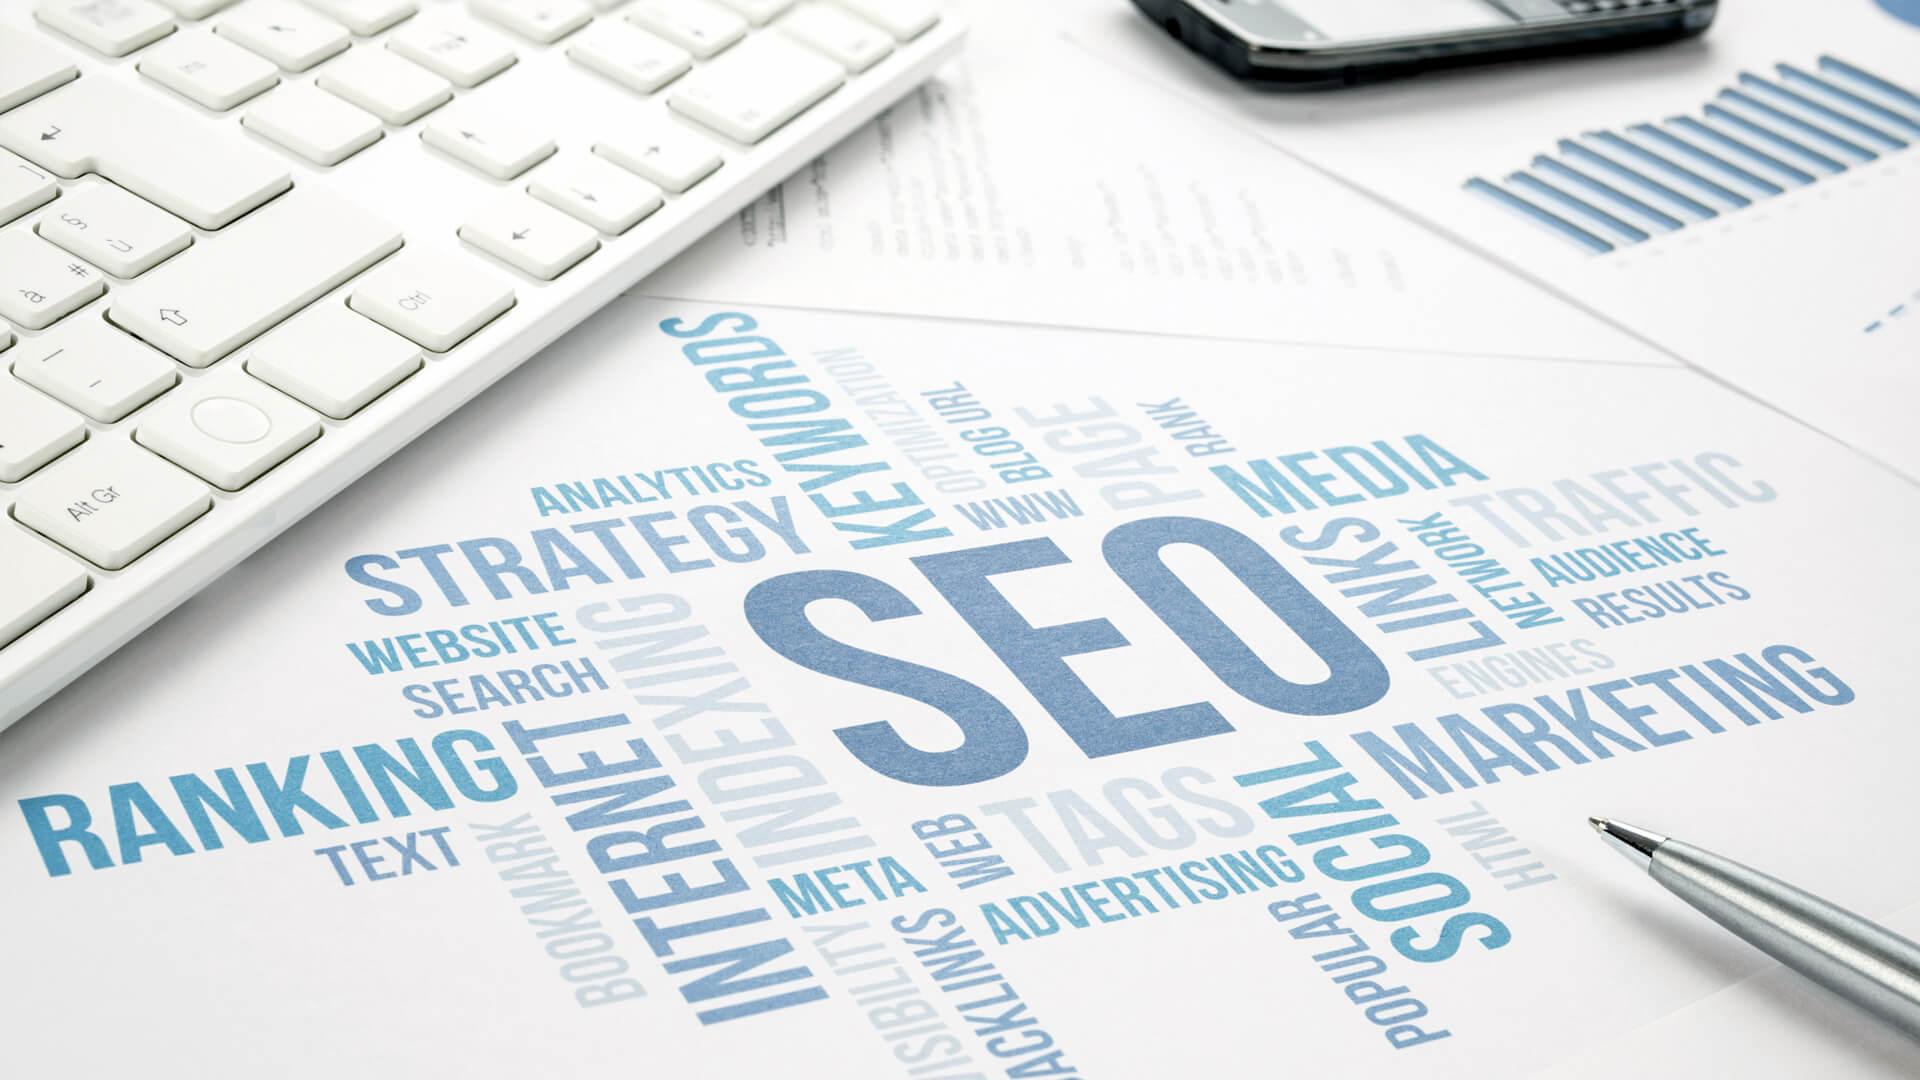 Что такое SEO-продвижение сайта и раскрутка интернет-проекта